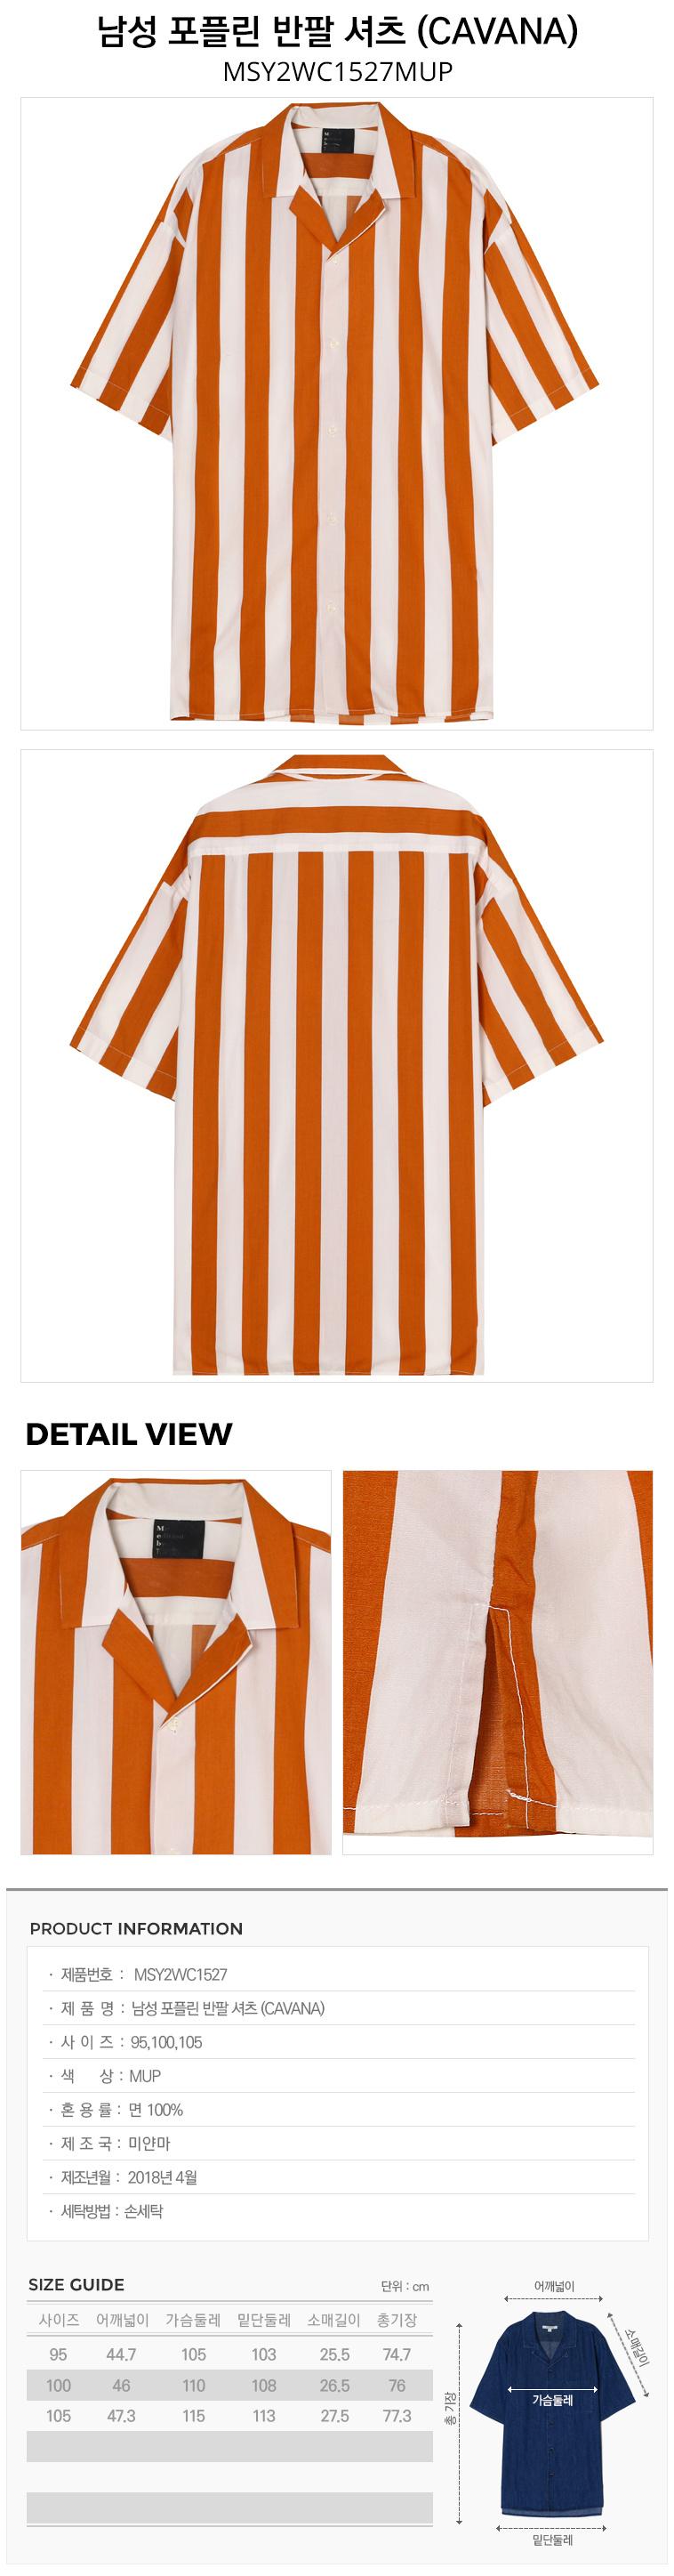 탑텐(TOPTEN) 남성 포플린 반팔 셔츠 CAVANA (MUP)_MSY2WC1527